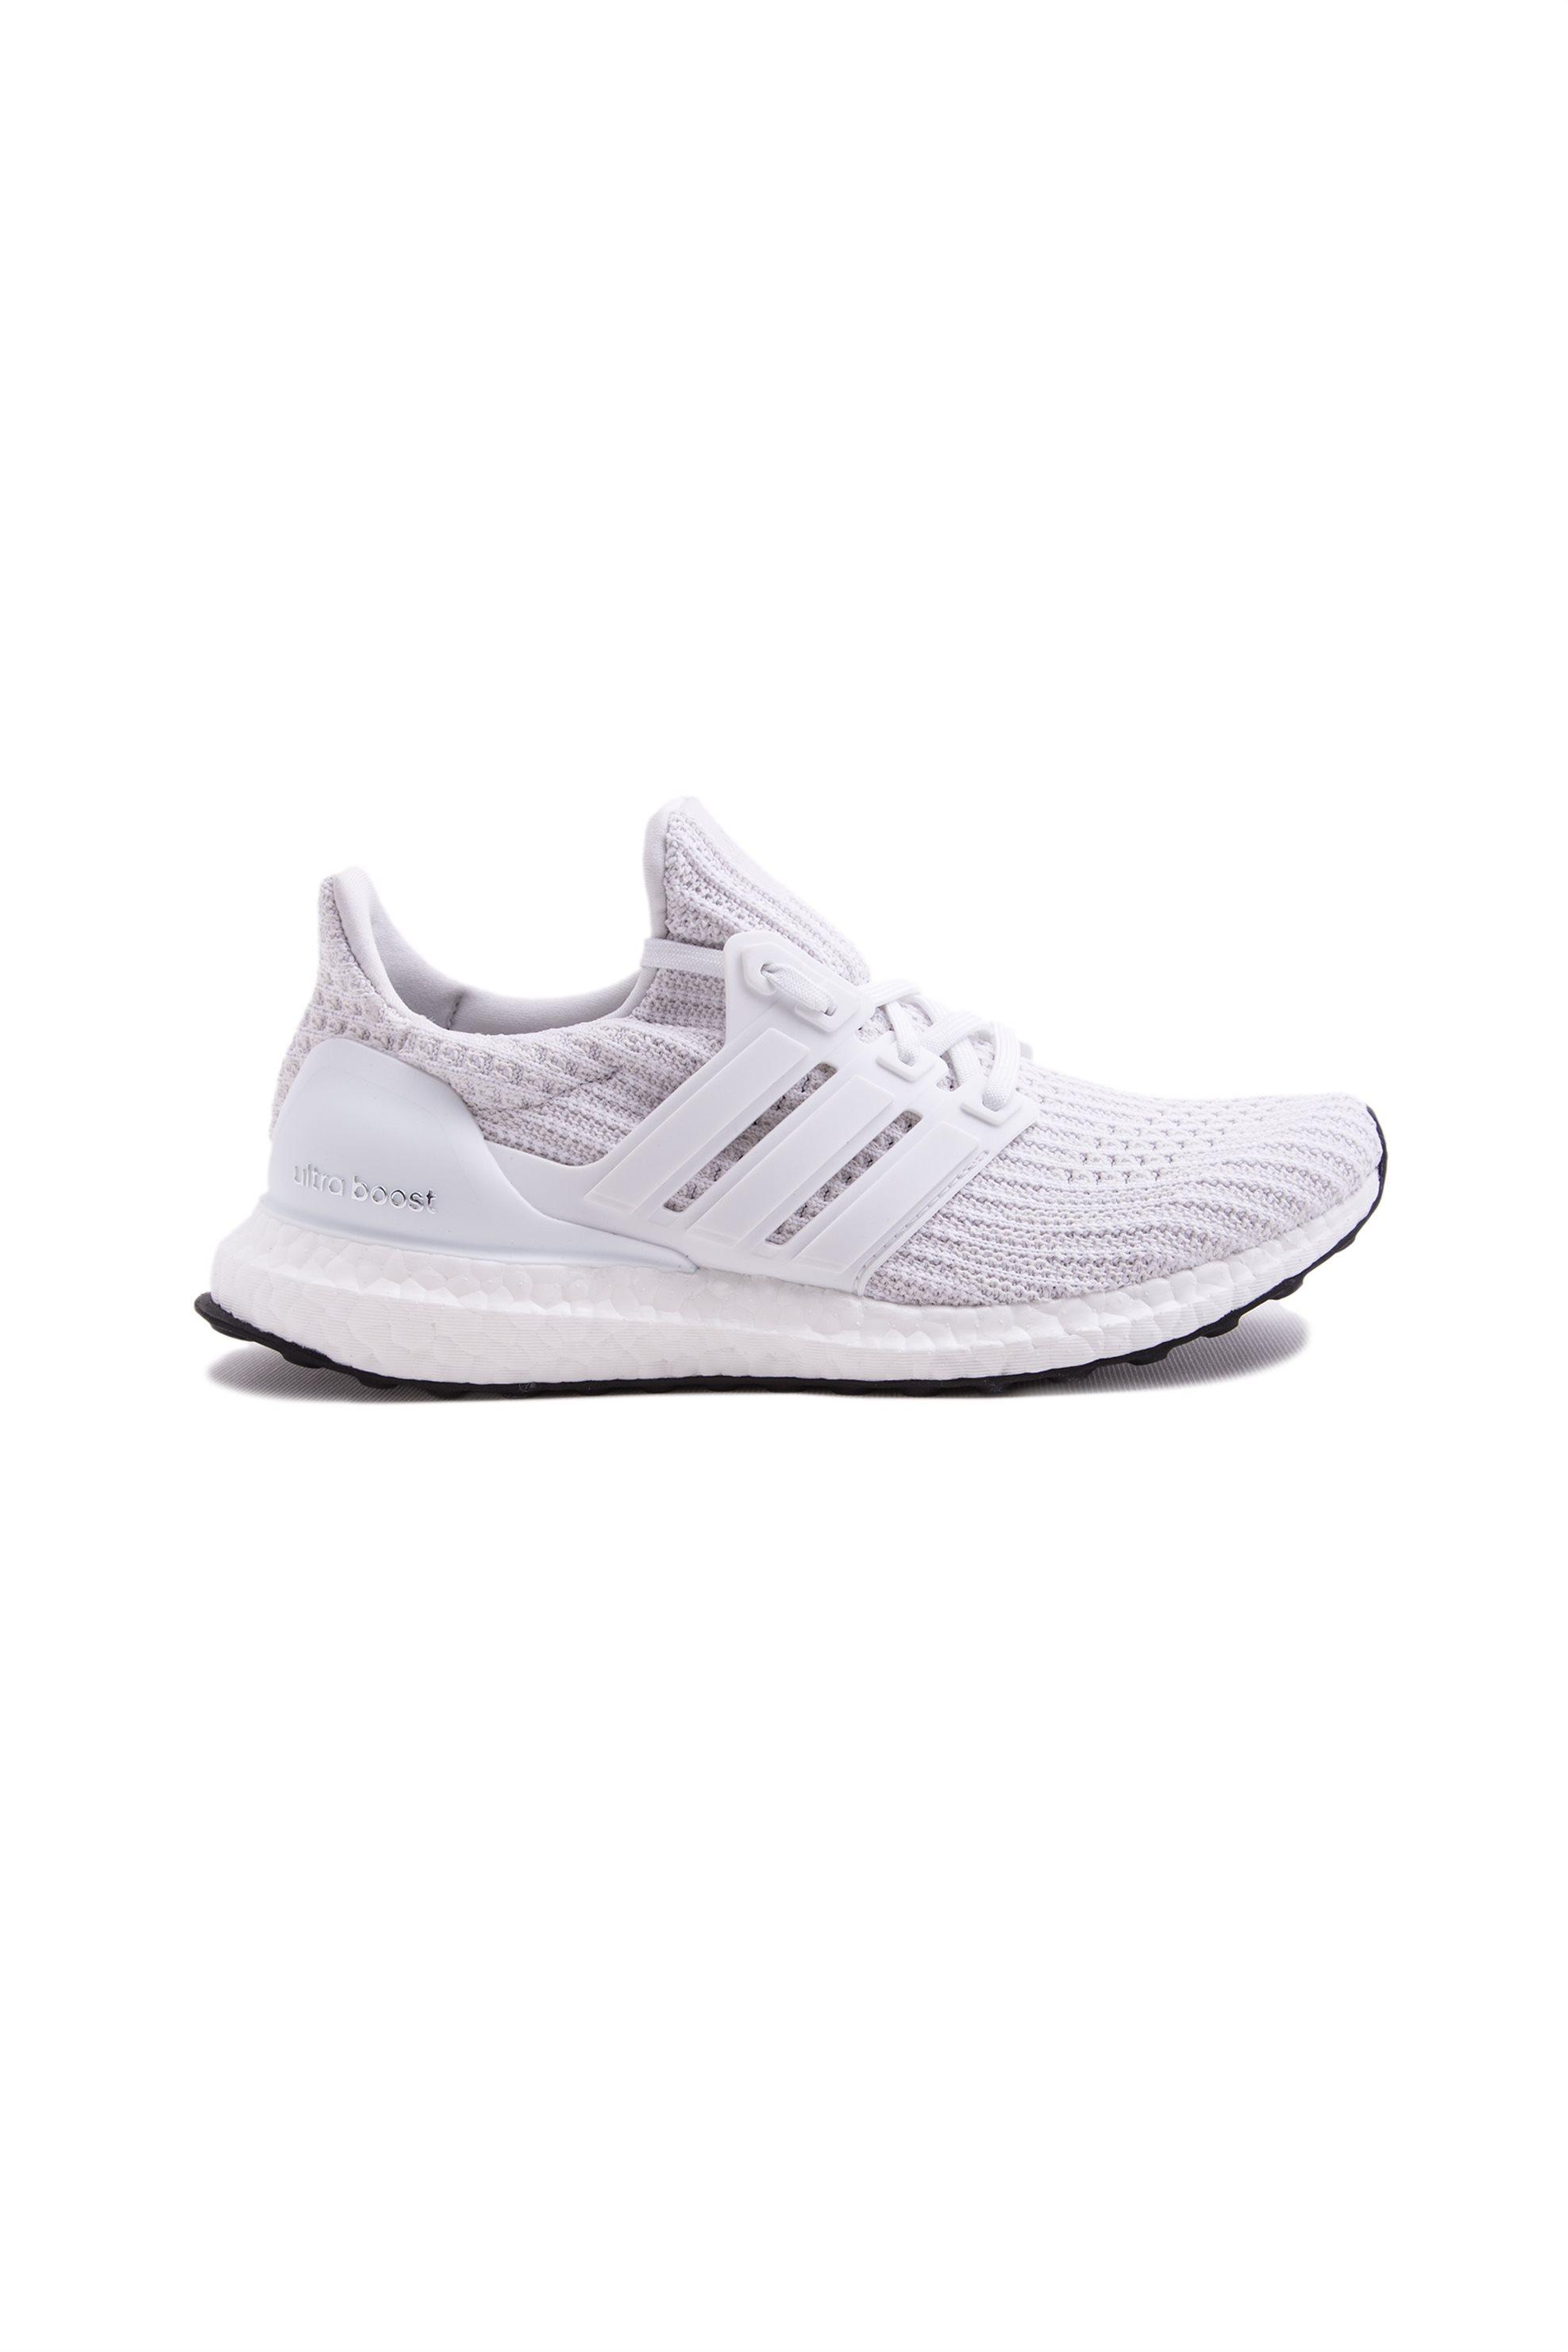 Γυναικεία Παπούτσια για τρέξιμο 2020 Κανονικές Τιμές Χρώμα